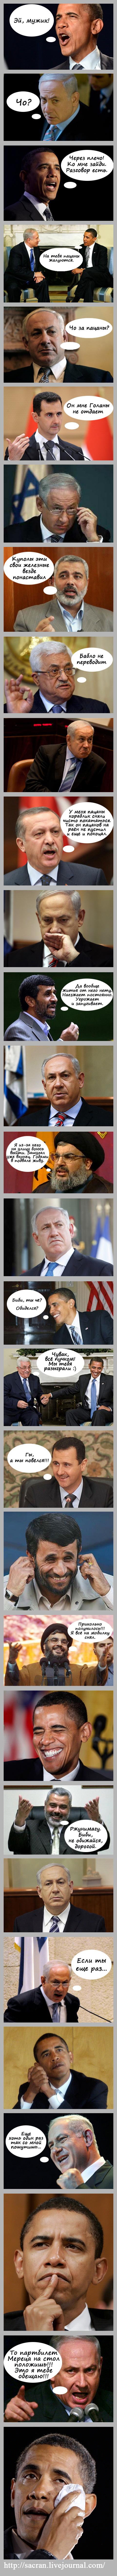 obama merets